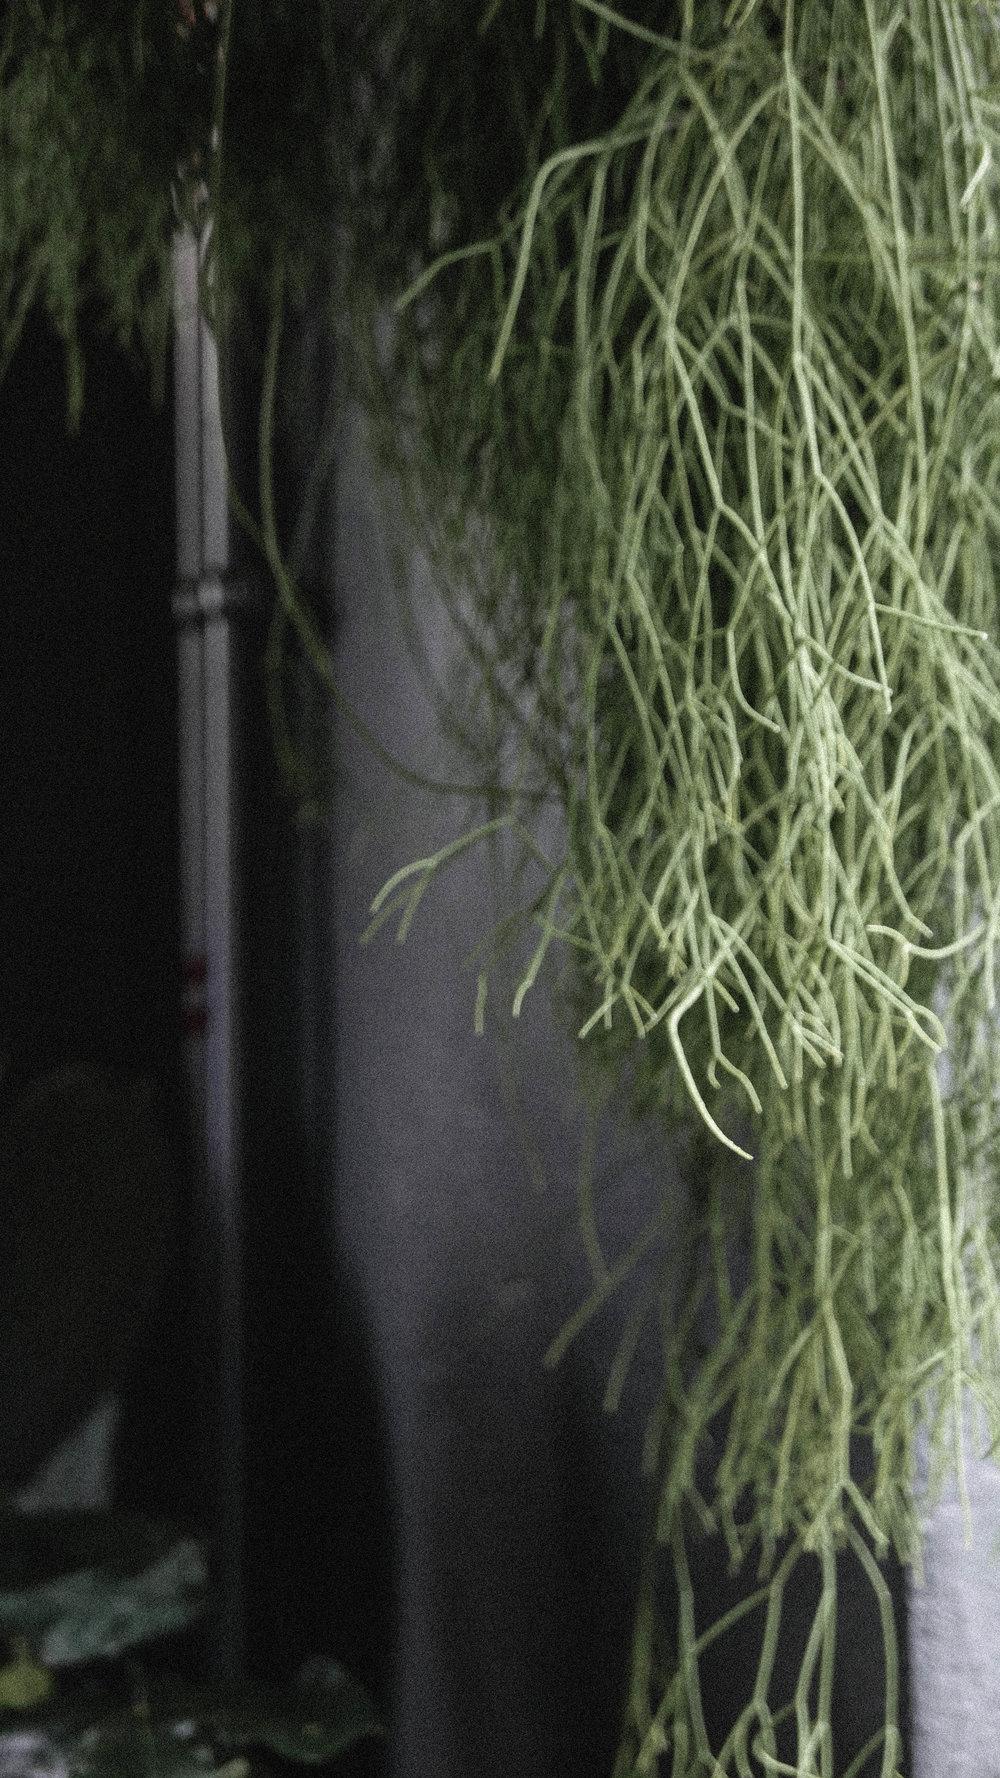 passiflora17.jpg